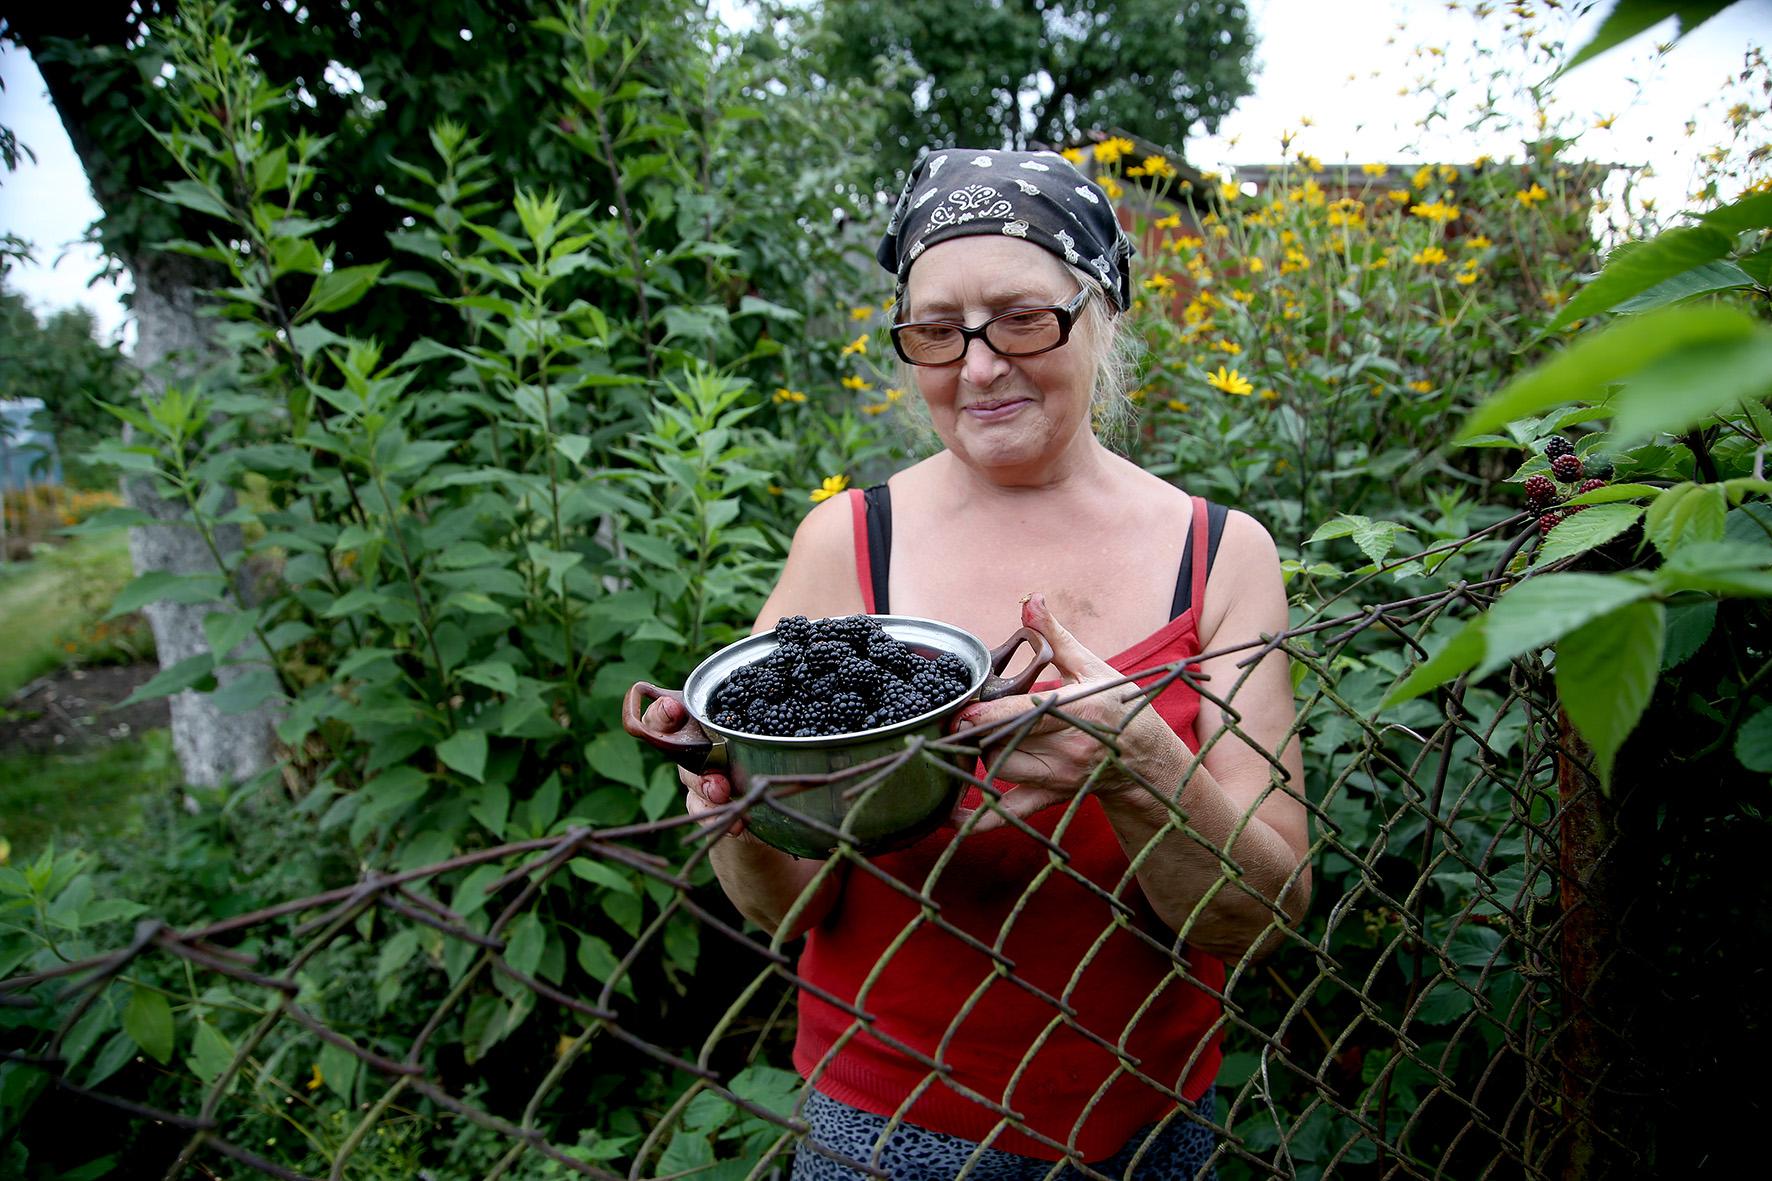 Netoliese išvystame ir dar vieną moterį, skinančią gervuoges. Tai sodininkė Vitalija. A. Barzdžiaus nuotr.